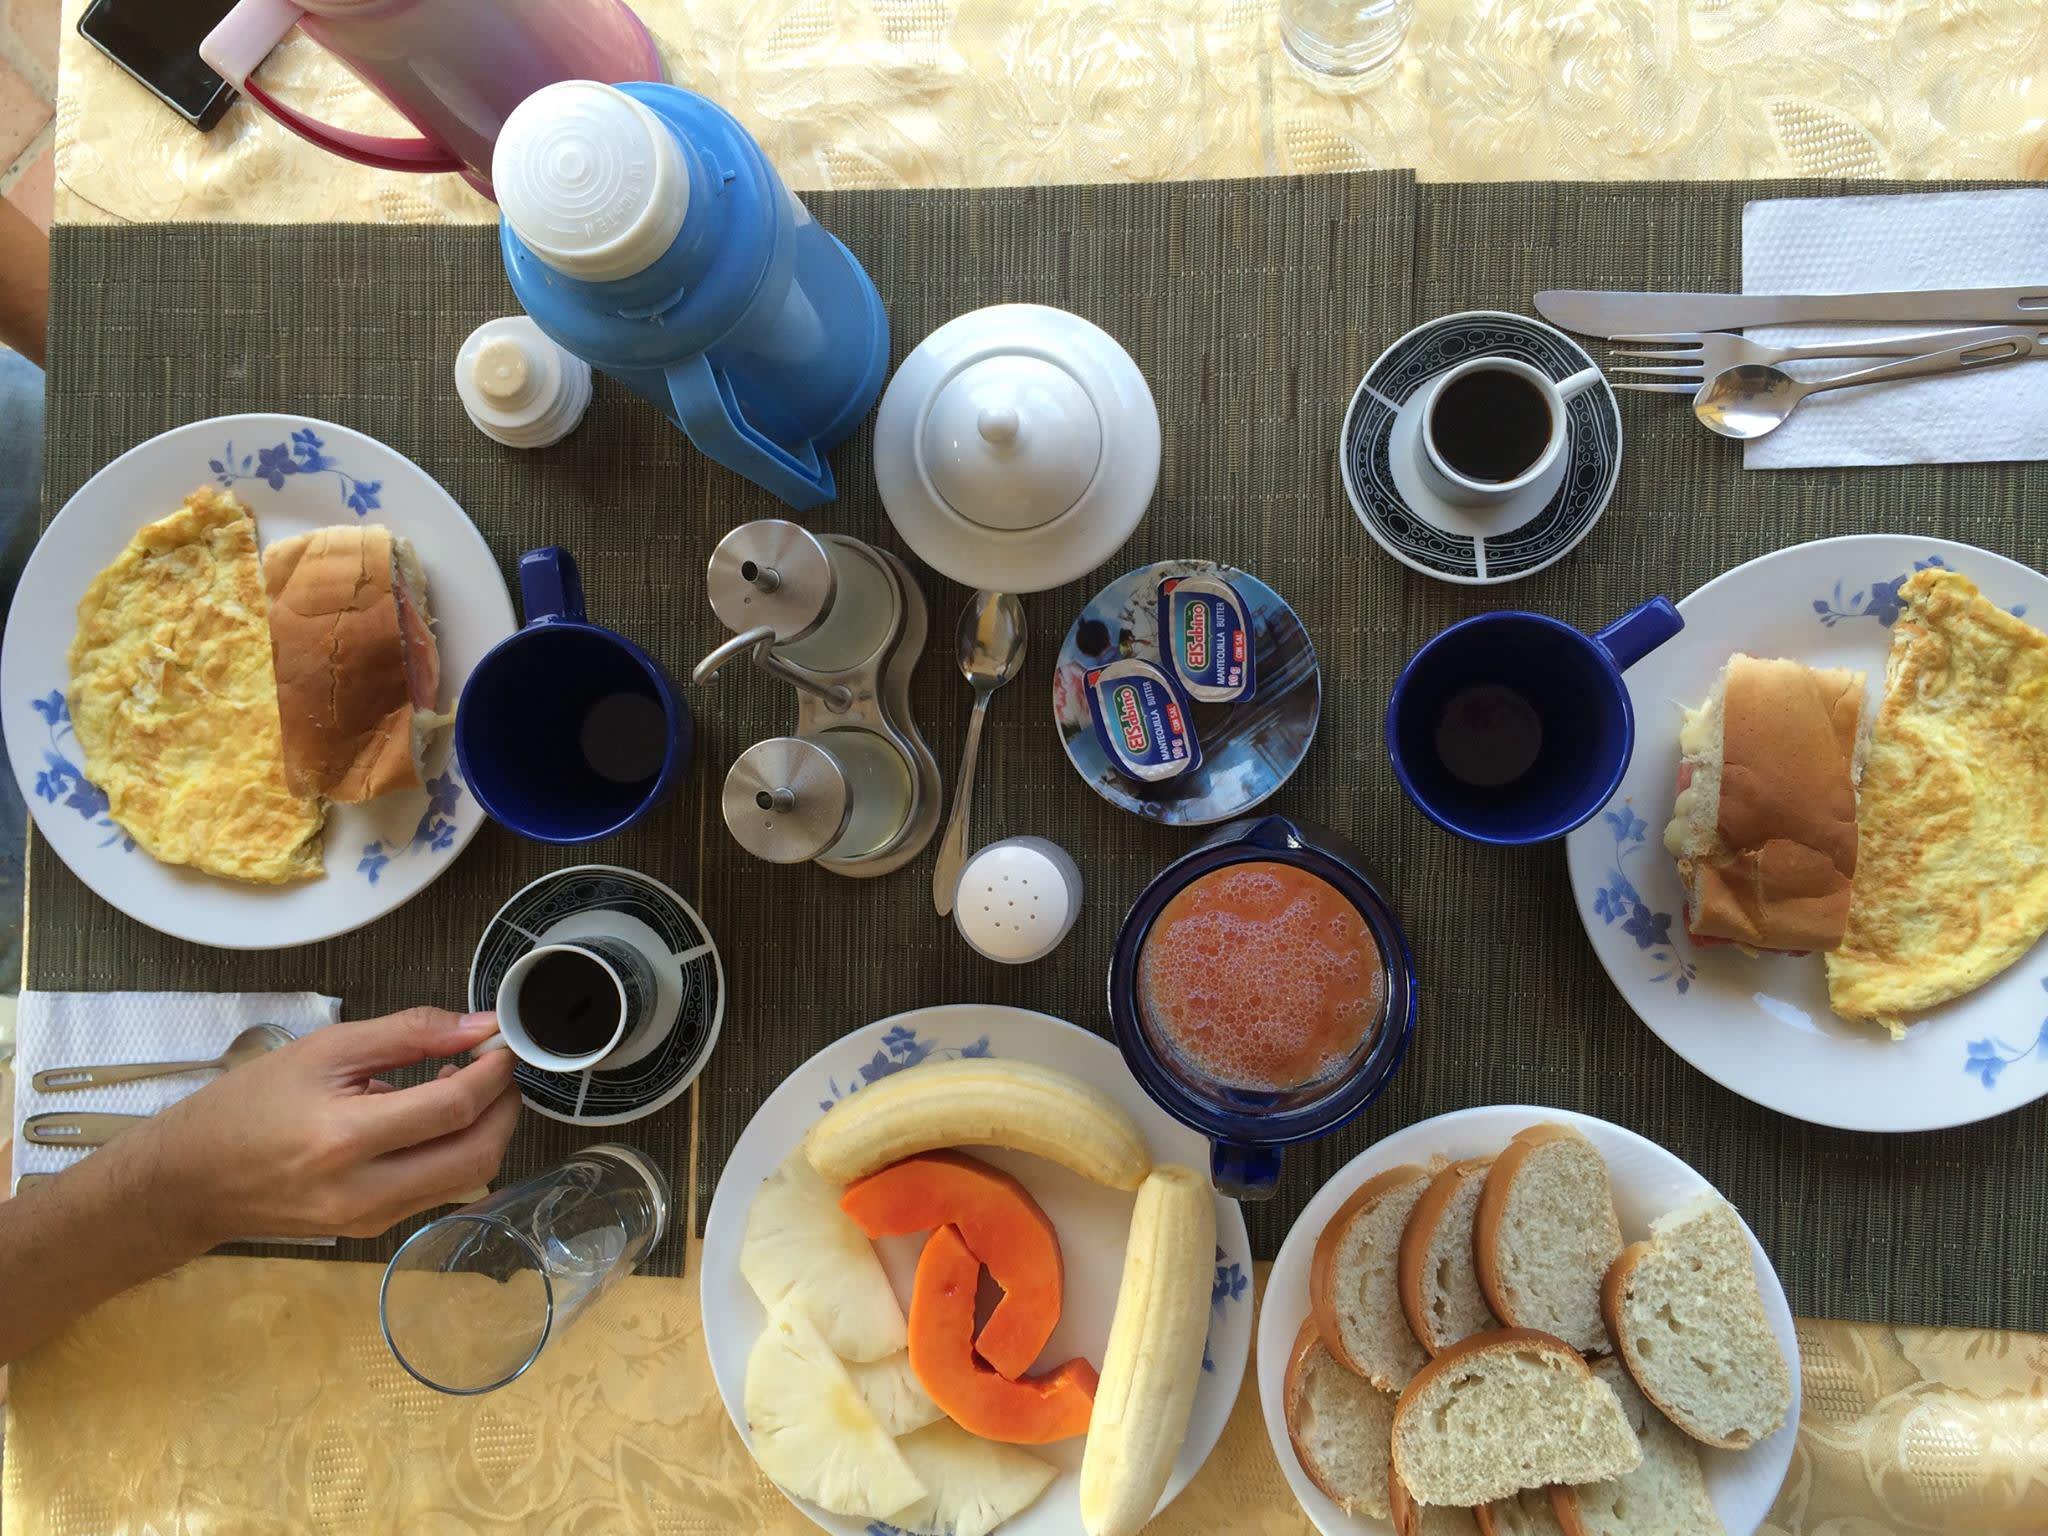 古 巴 民 宿 的 早 餐 , 家 家 戶 戶 都 一 樣 。 三 明 治 、 煎 蛋 、 咖 啡 、 麵 包 以 及 吃 不 完 的 水 果  ( 和 果 汁 ) 。